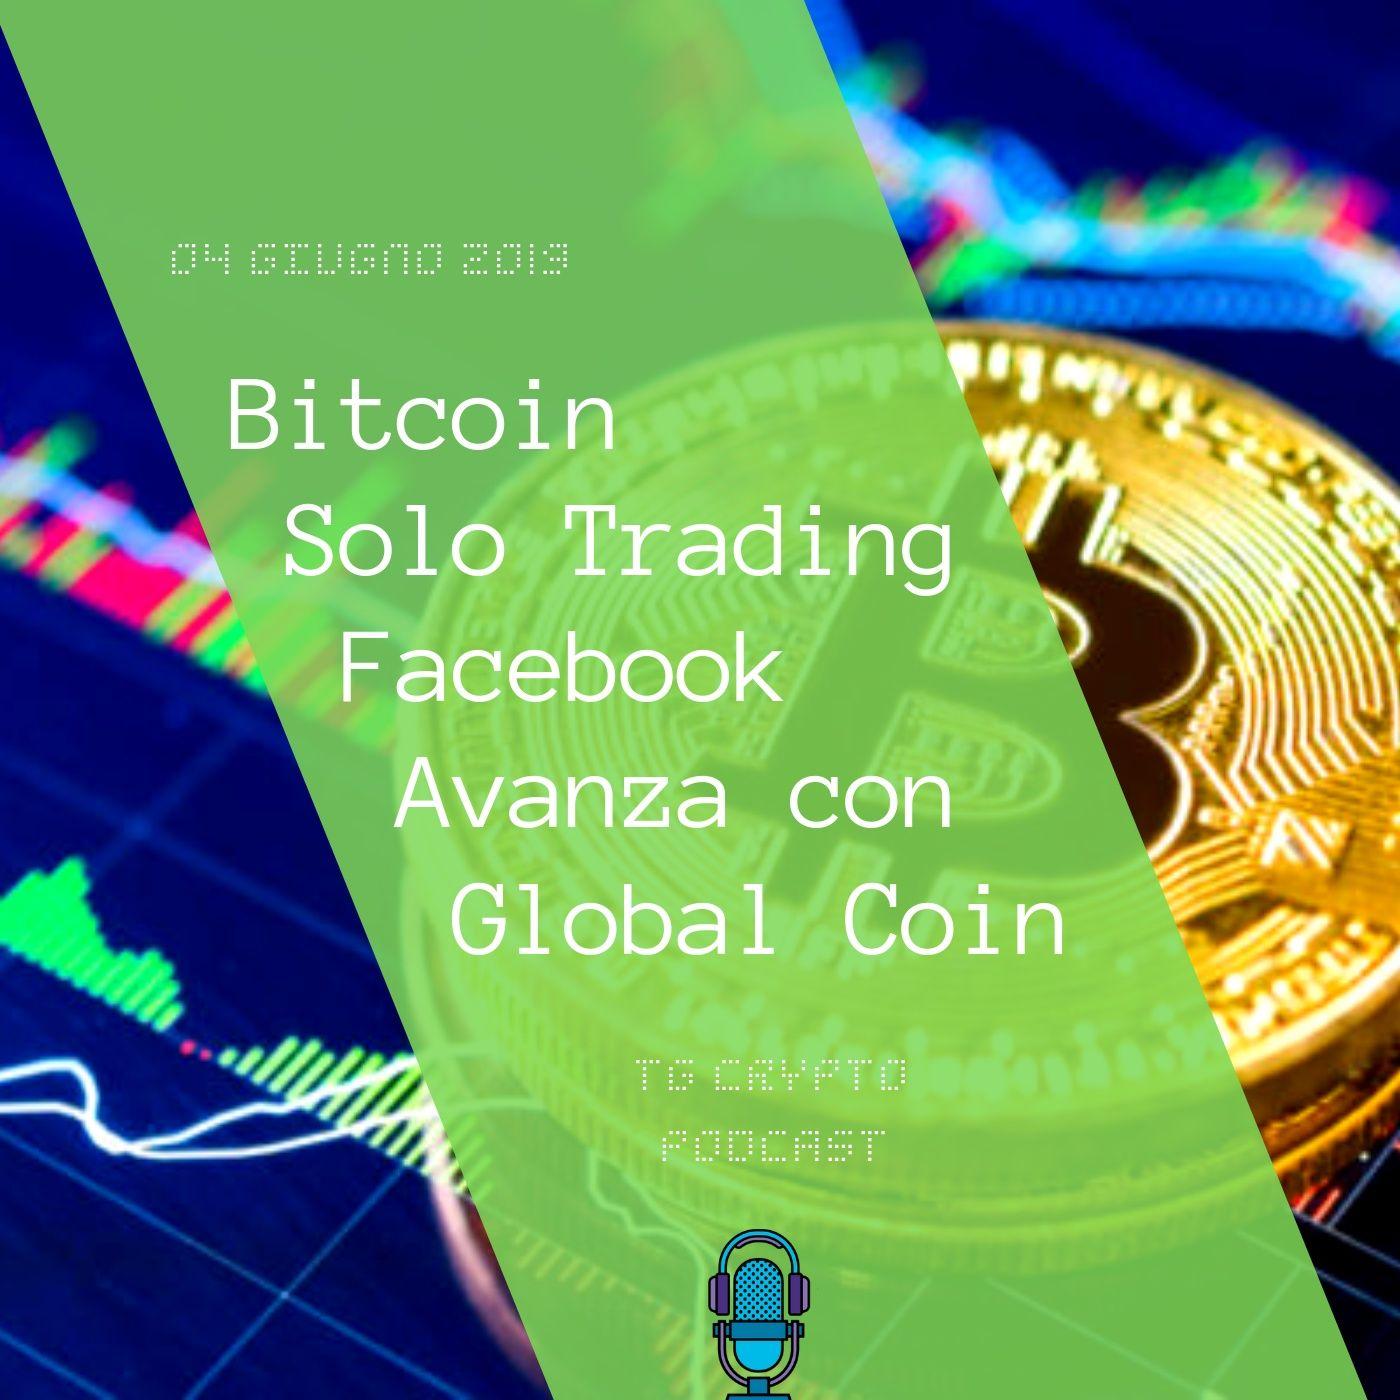 vpn è sufficiente per il trading sicuro di bitcoin? come fare amicizia internet